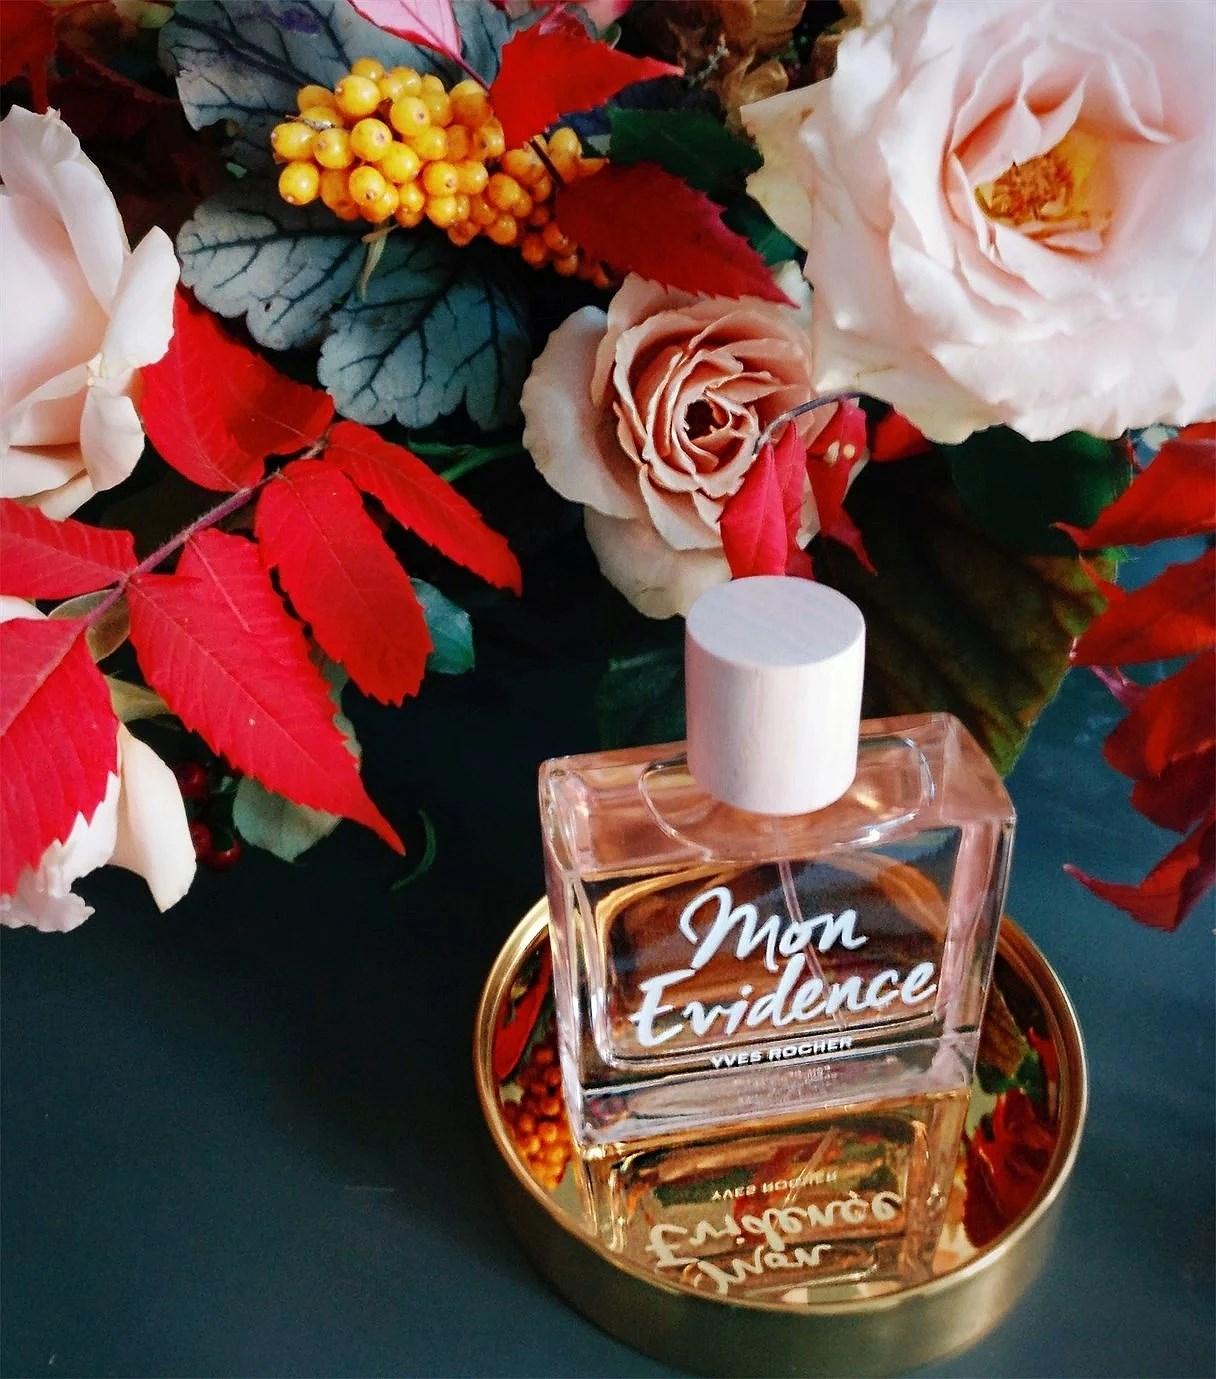 Eud de parfum Mon Evidence Yves Rocher